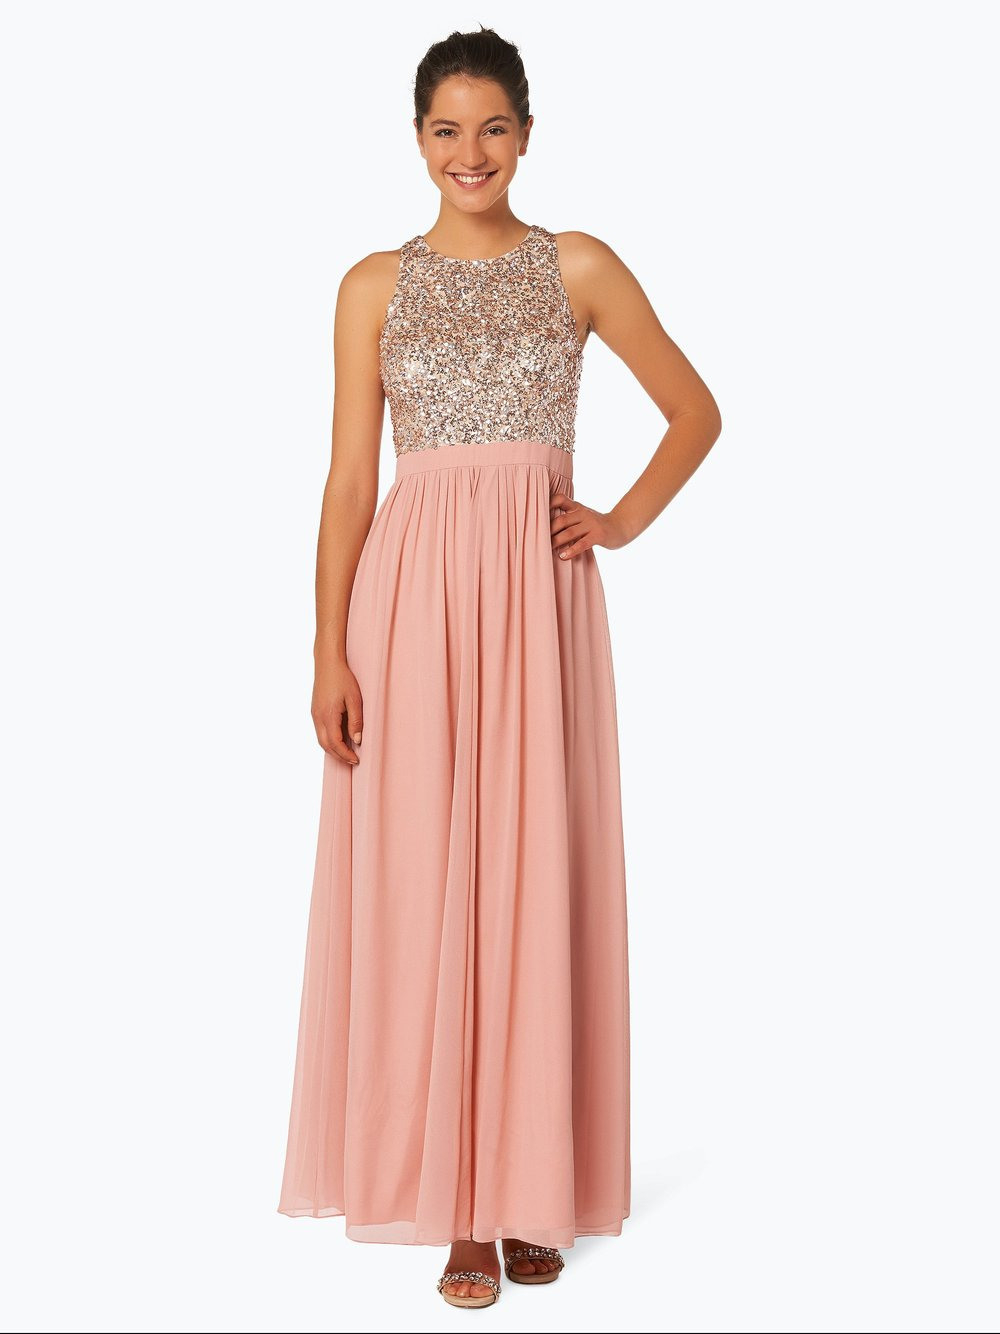 Abend Genial Marie Lund Abendkleid Stylish  Abendkleid